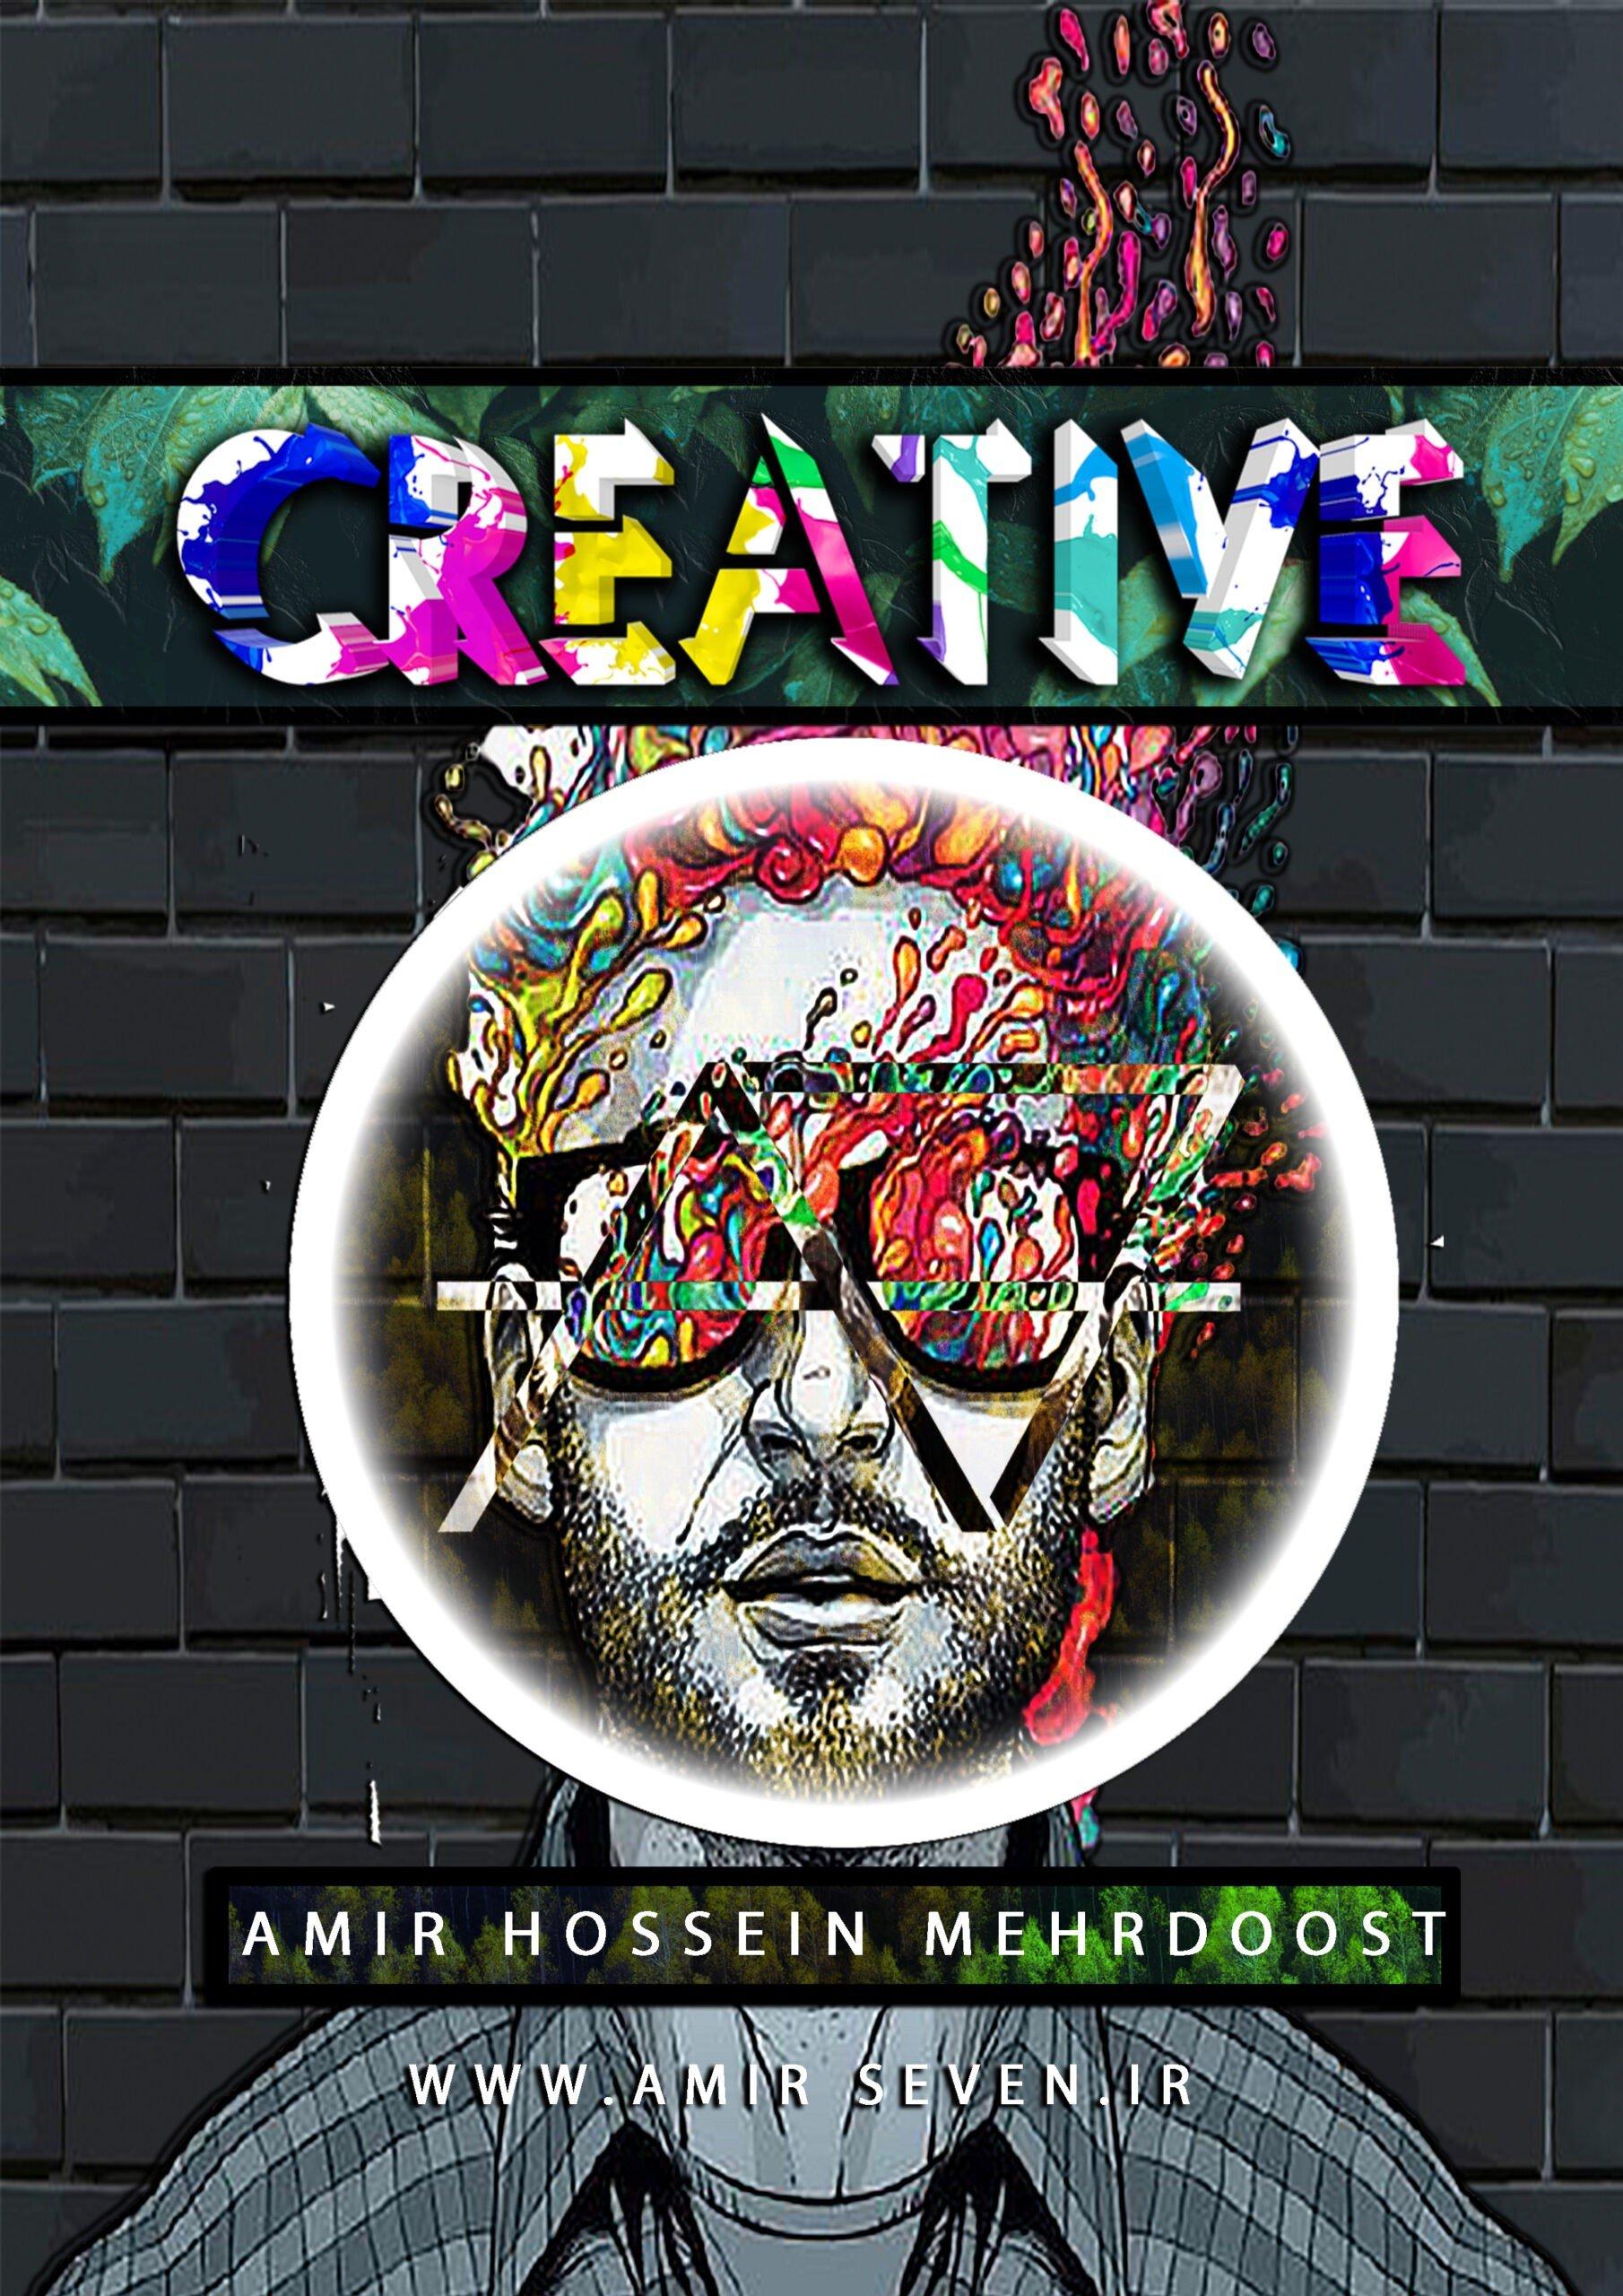 کتاب خلاقیت جلد دوم از مجموعه انتقام موفقیت